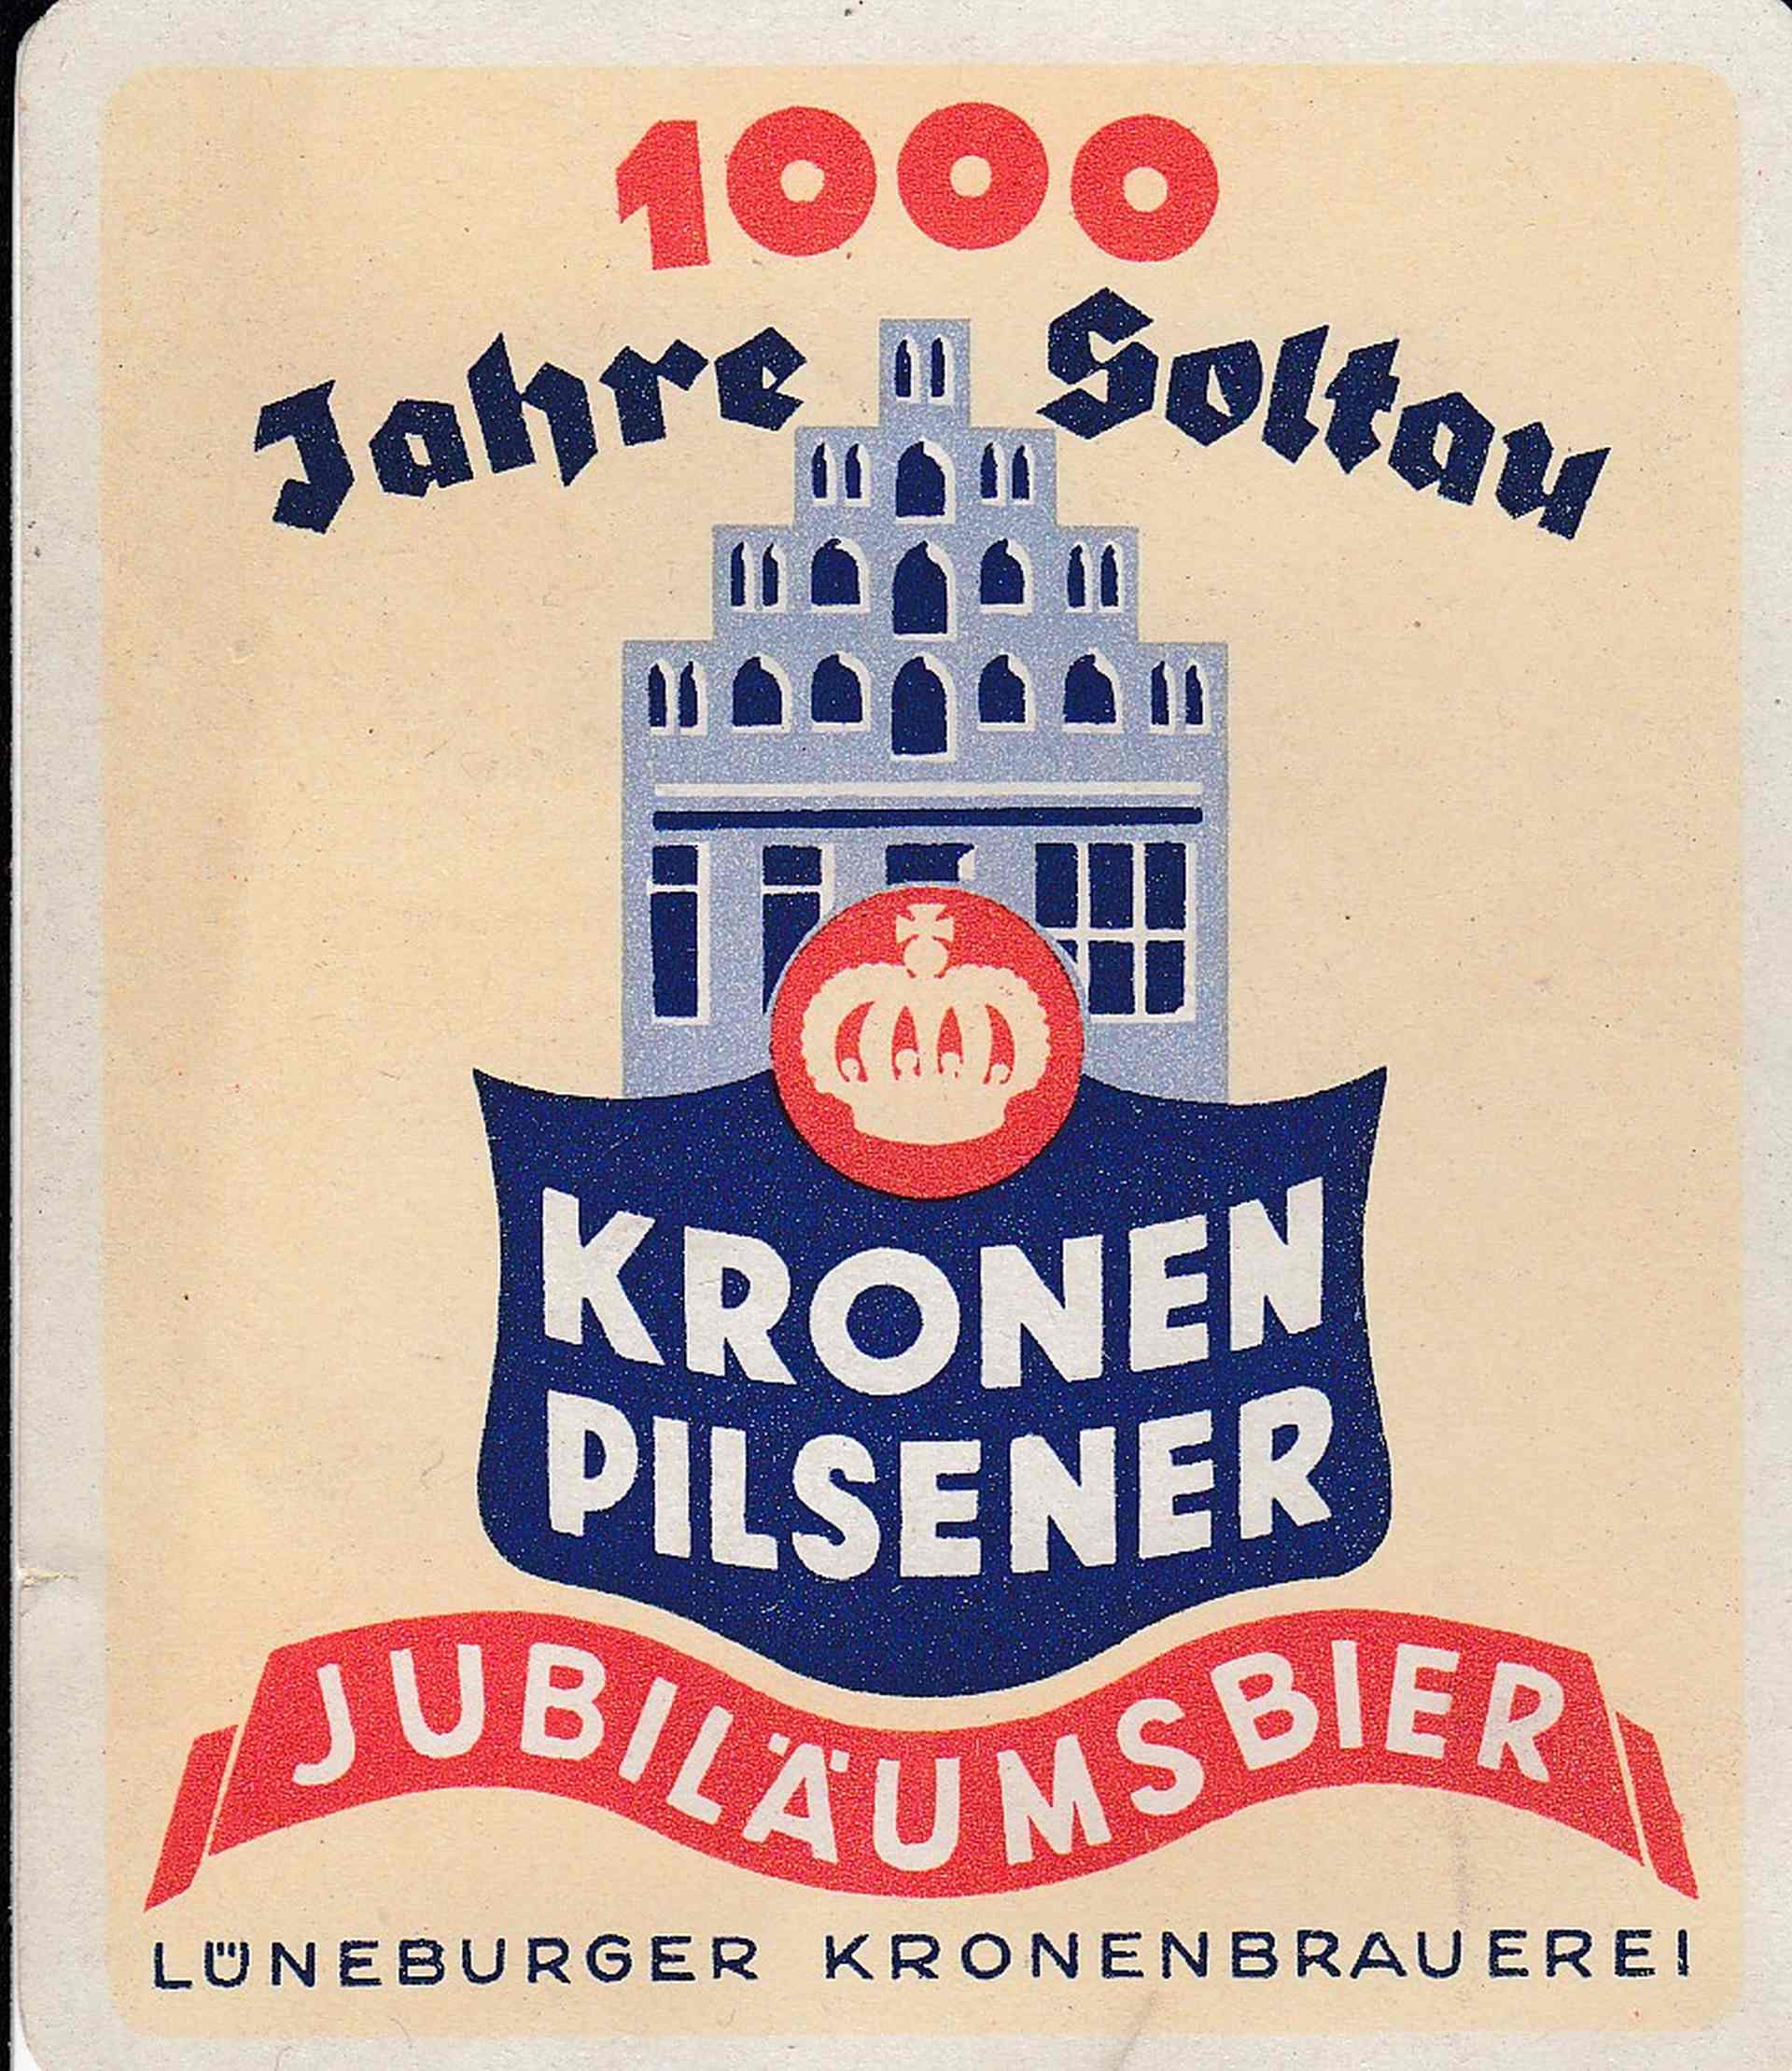 lueneburger_kronen-pislener_1000_jahre_soltau